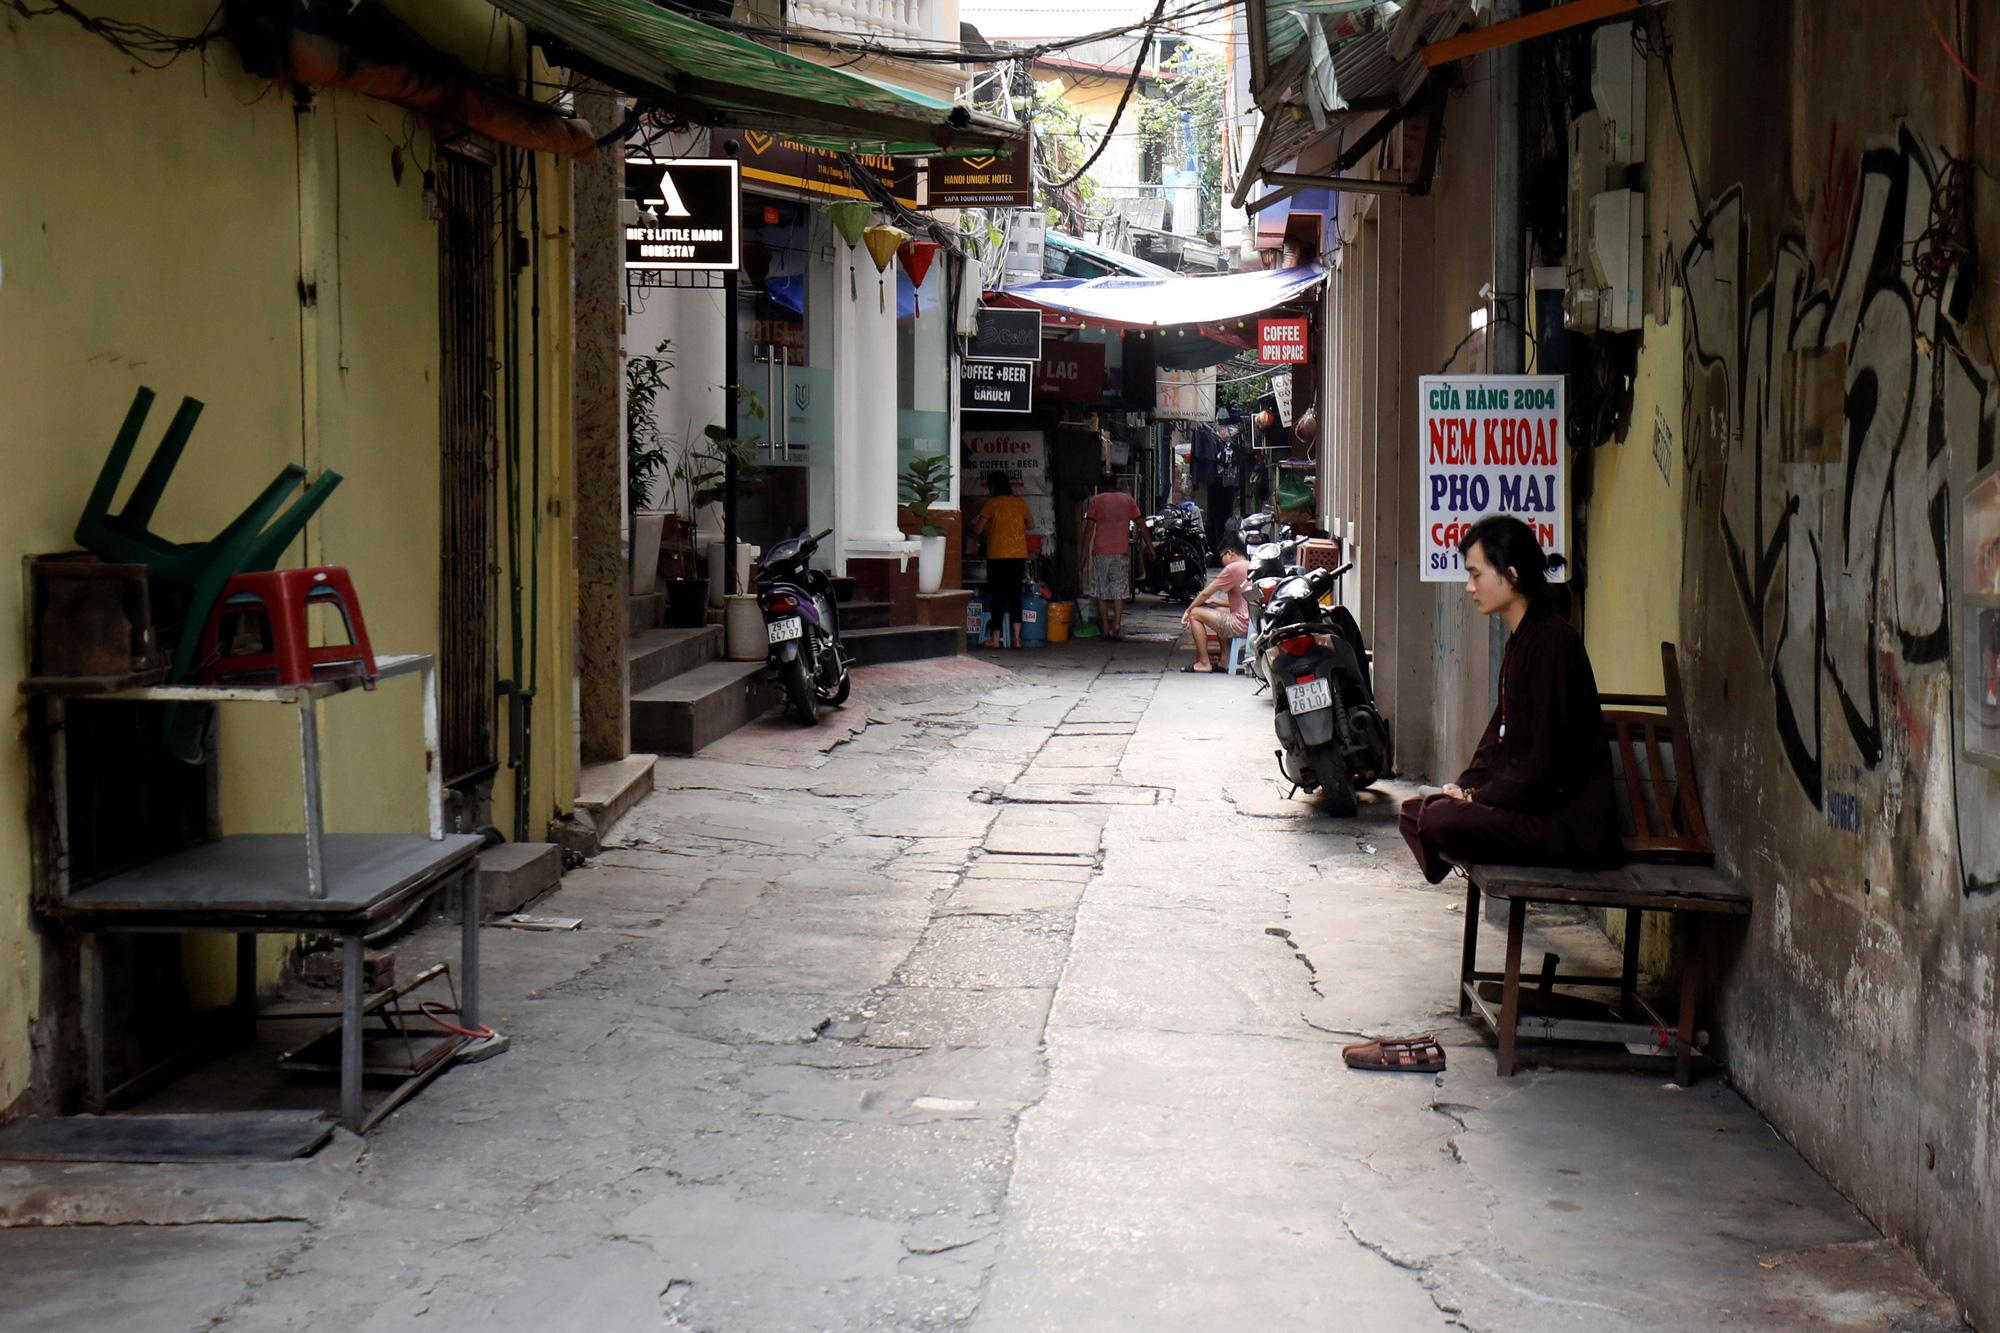 [eMagazine] Chống dịch covid-19: Thế giới nói gì về Việt Nam? [PHẦN CUỐI] - Ảnh 27.